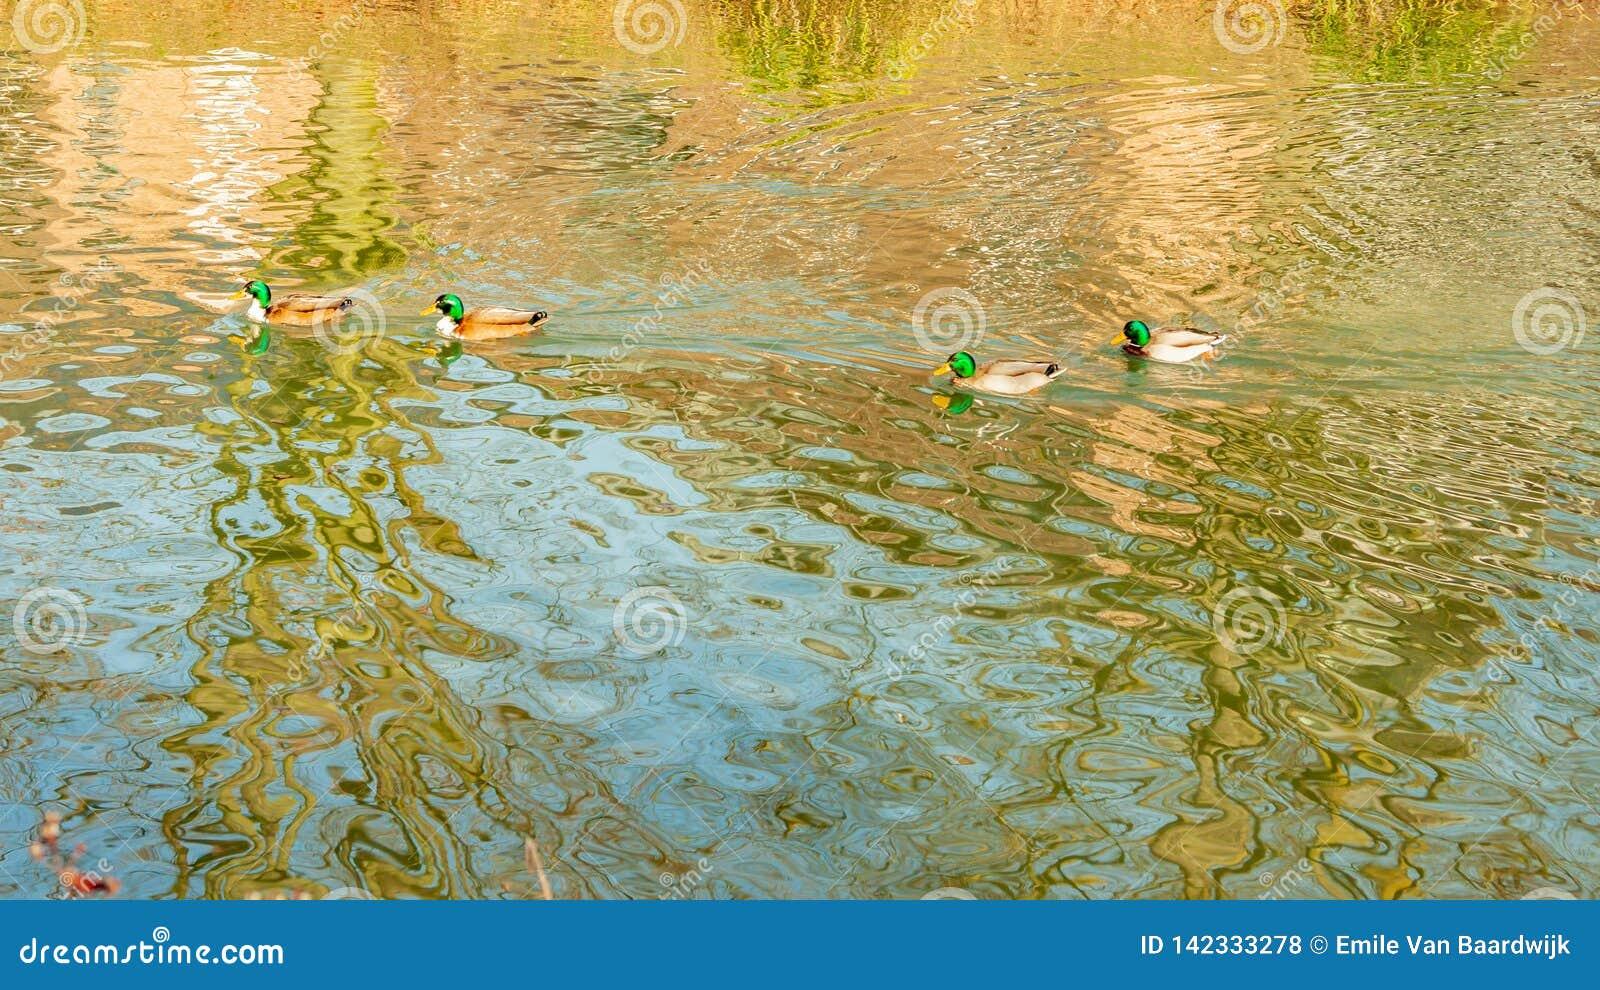 镇静地游泳在一个池塘的四只野鸭鸭子用透明的水